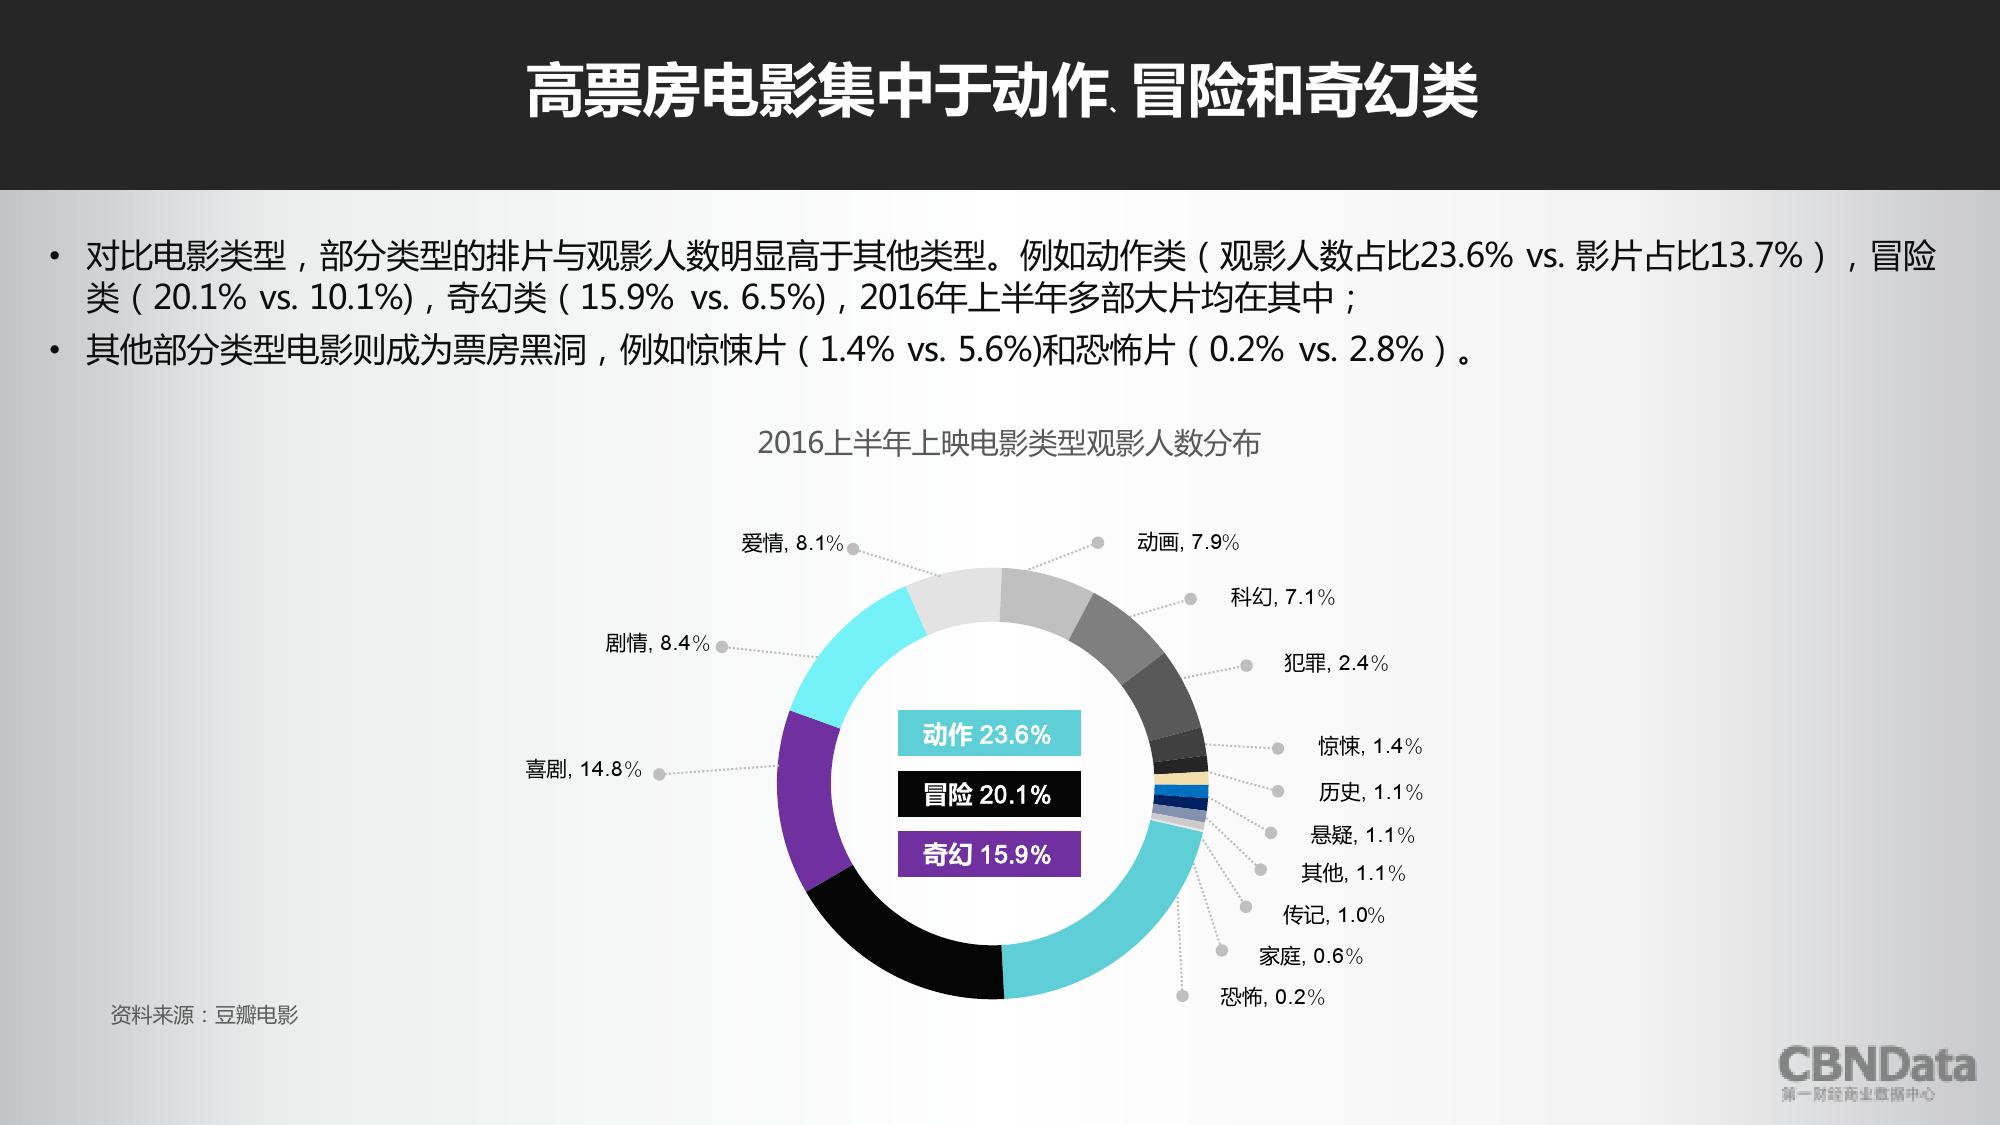 2016上半年中国在线票务平台大数据报告_000038